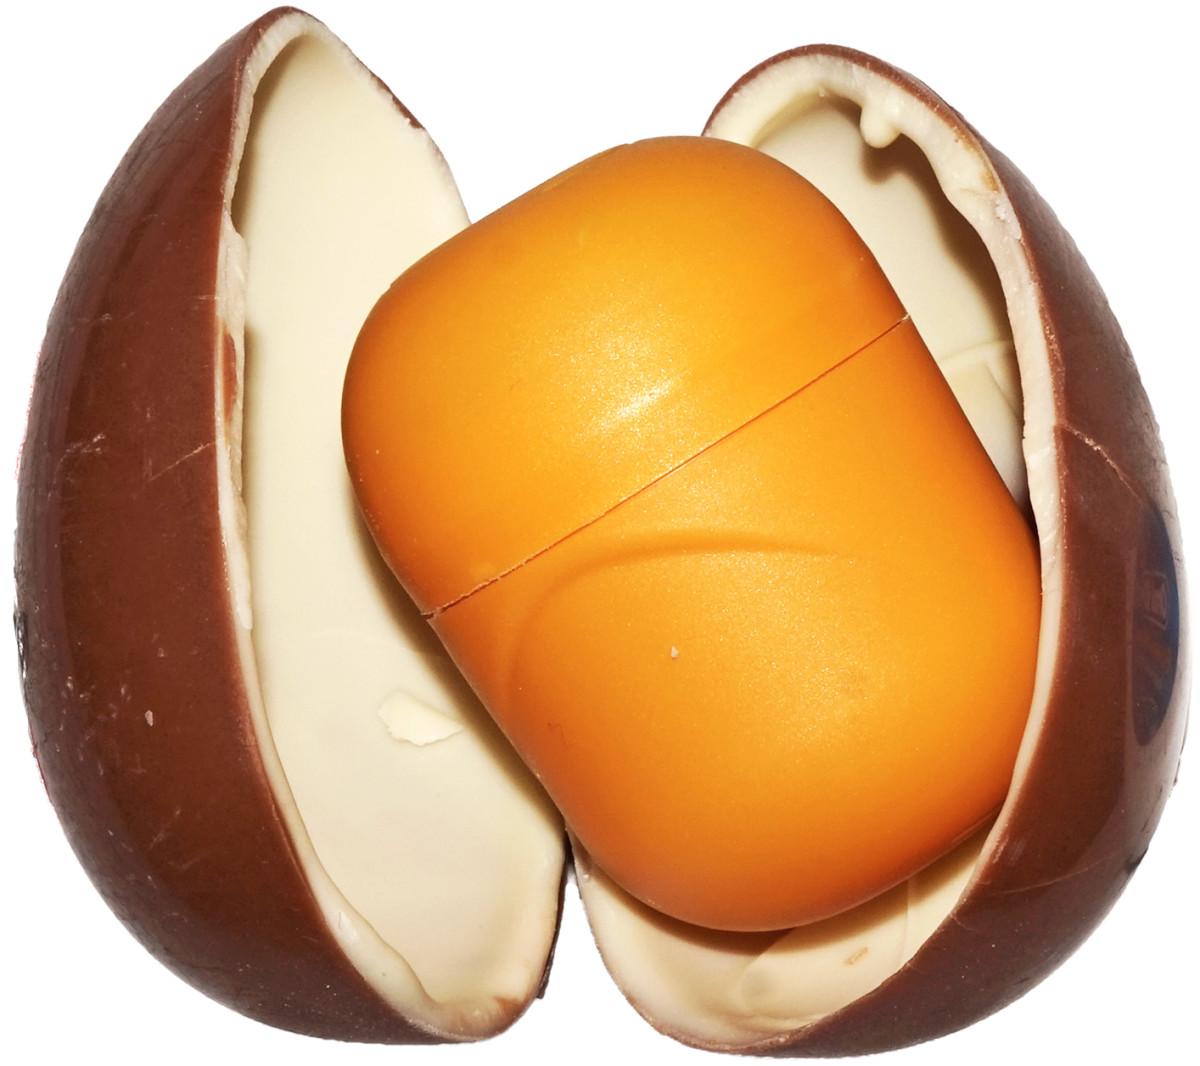 Kinder-egg-open